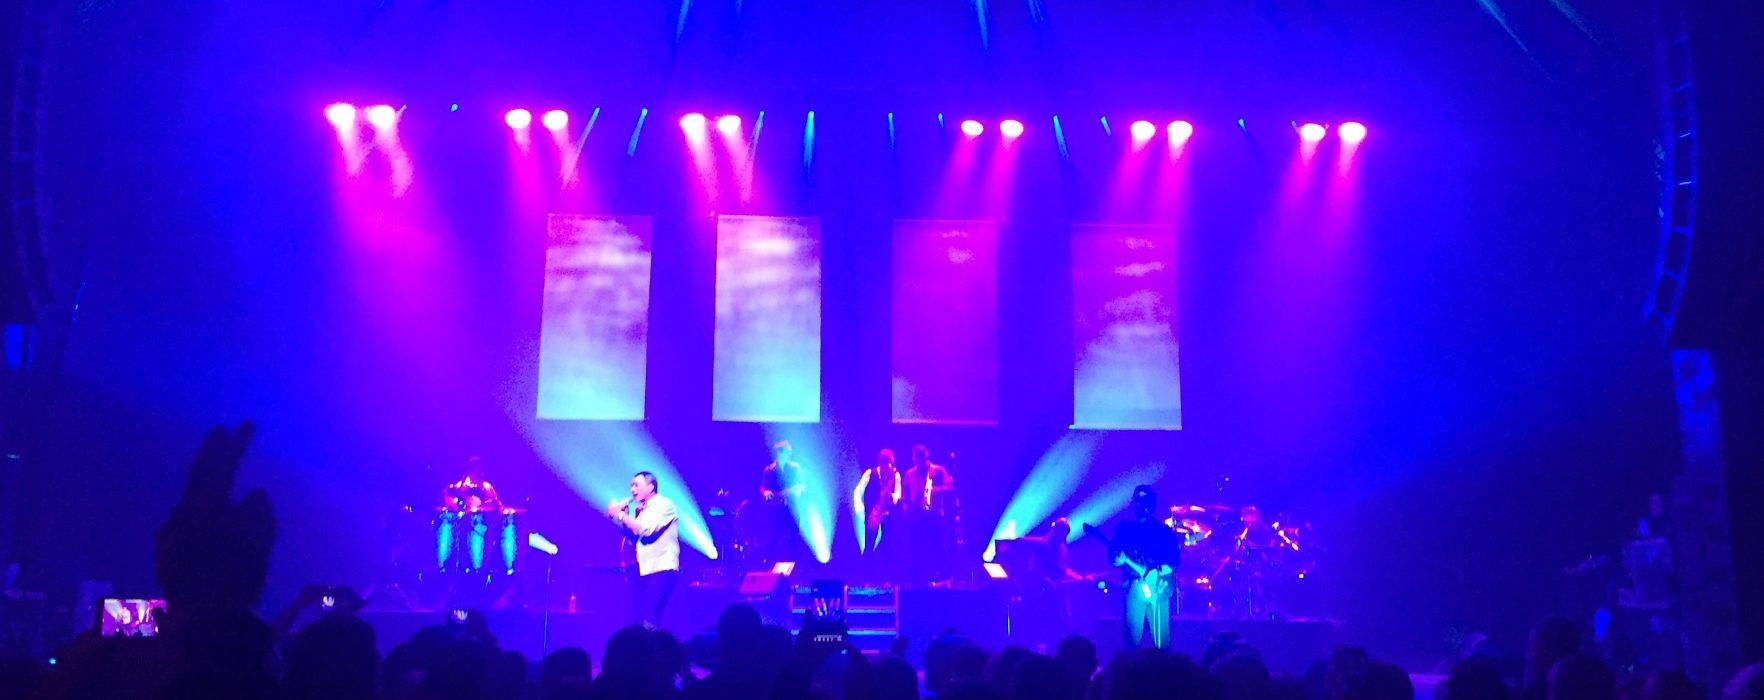 REVIEW: UB40 @ Manchester O2 Apollo